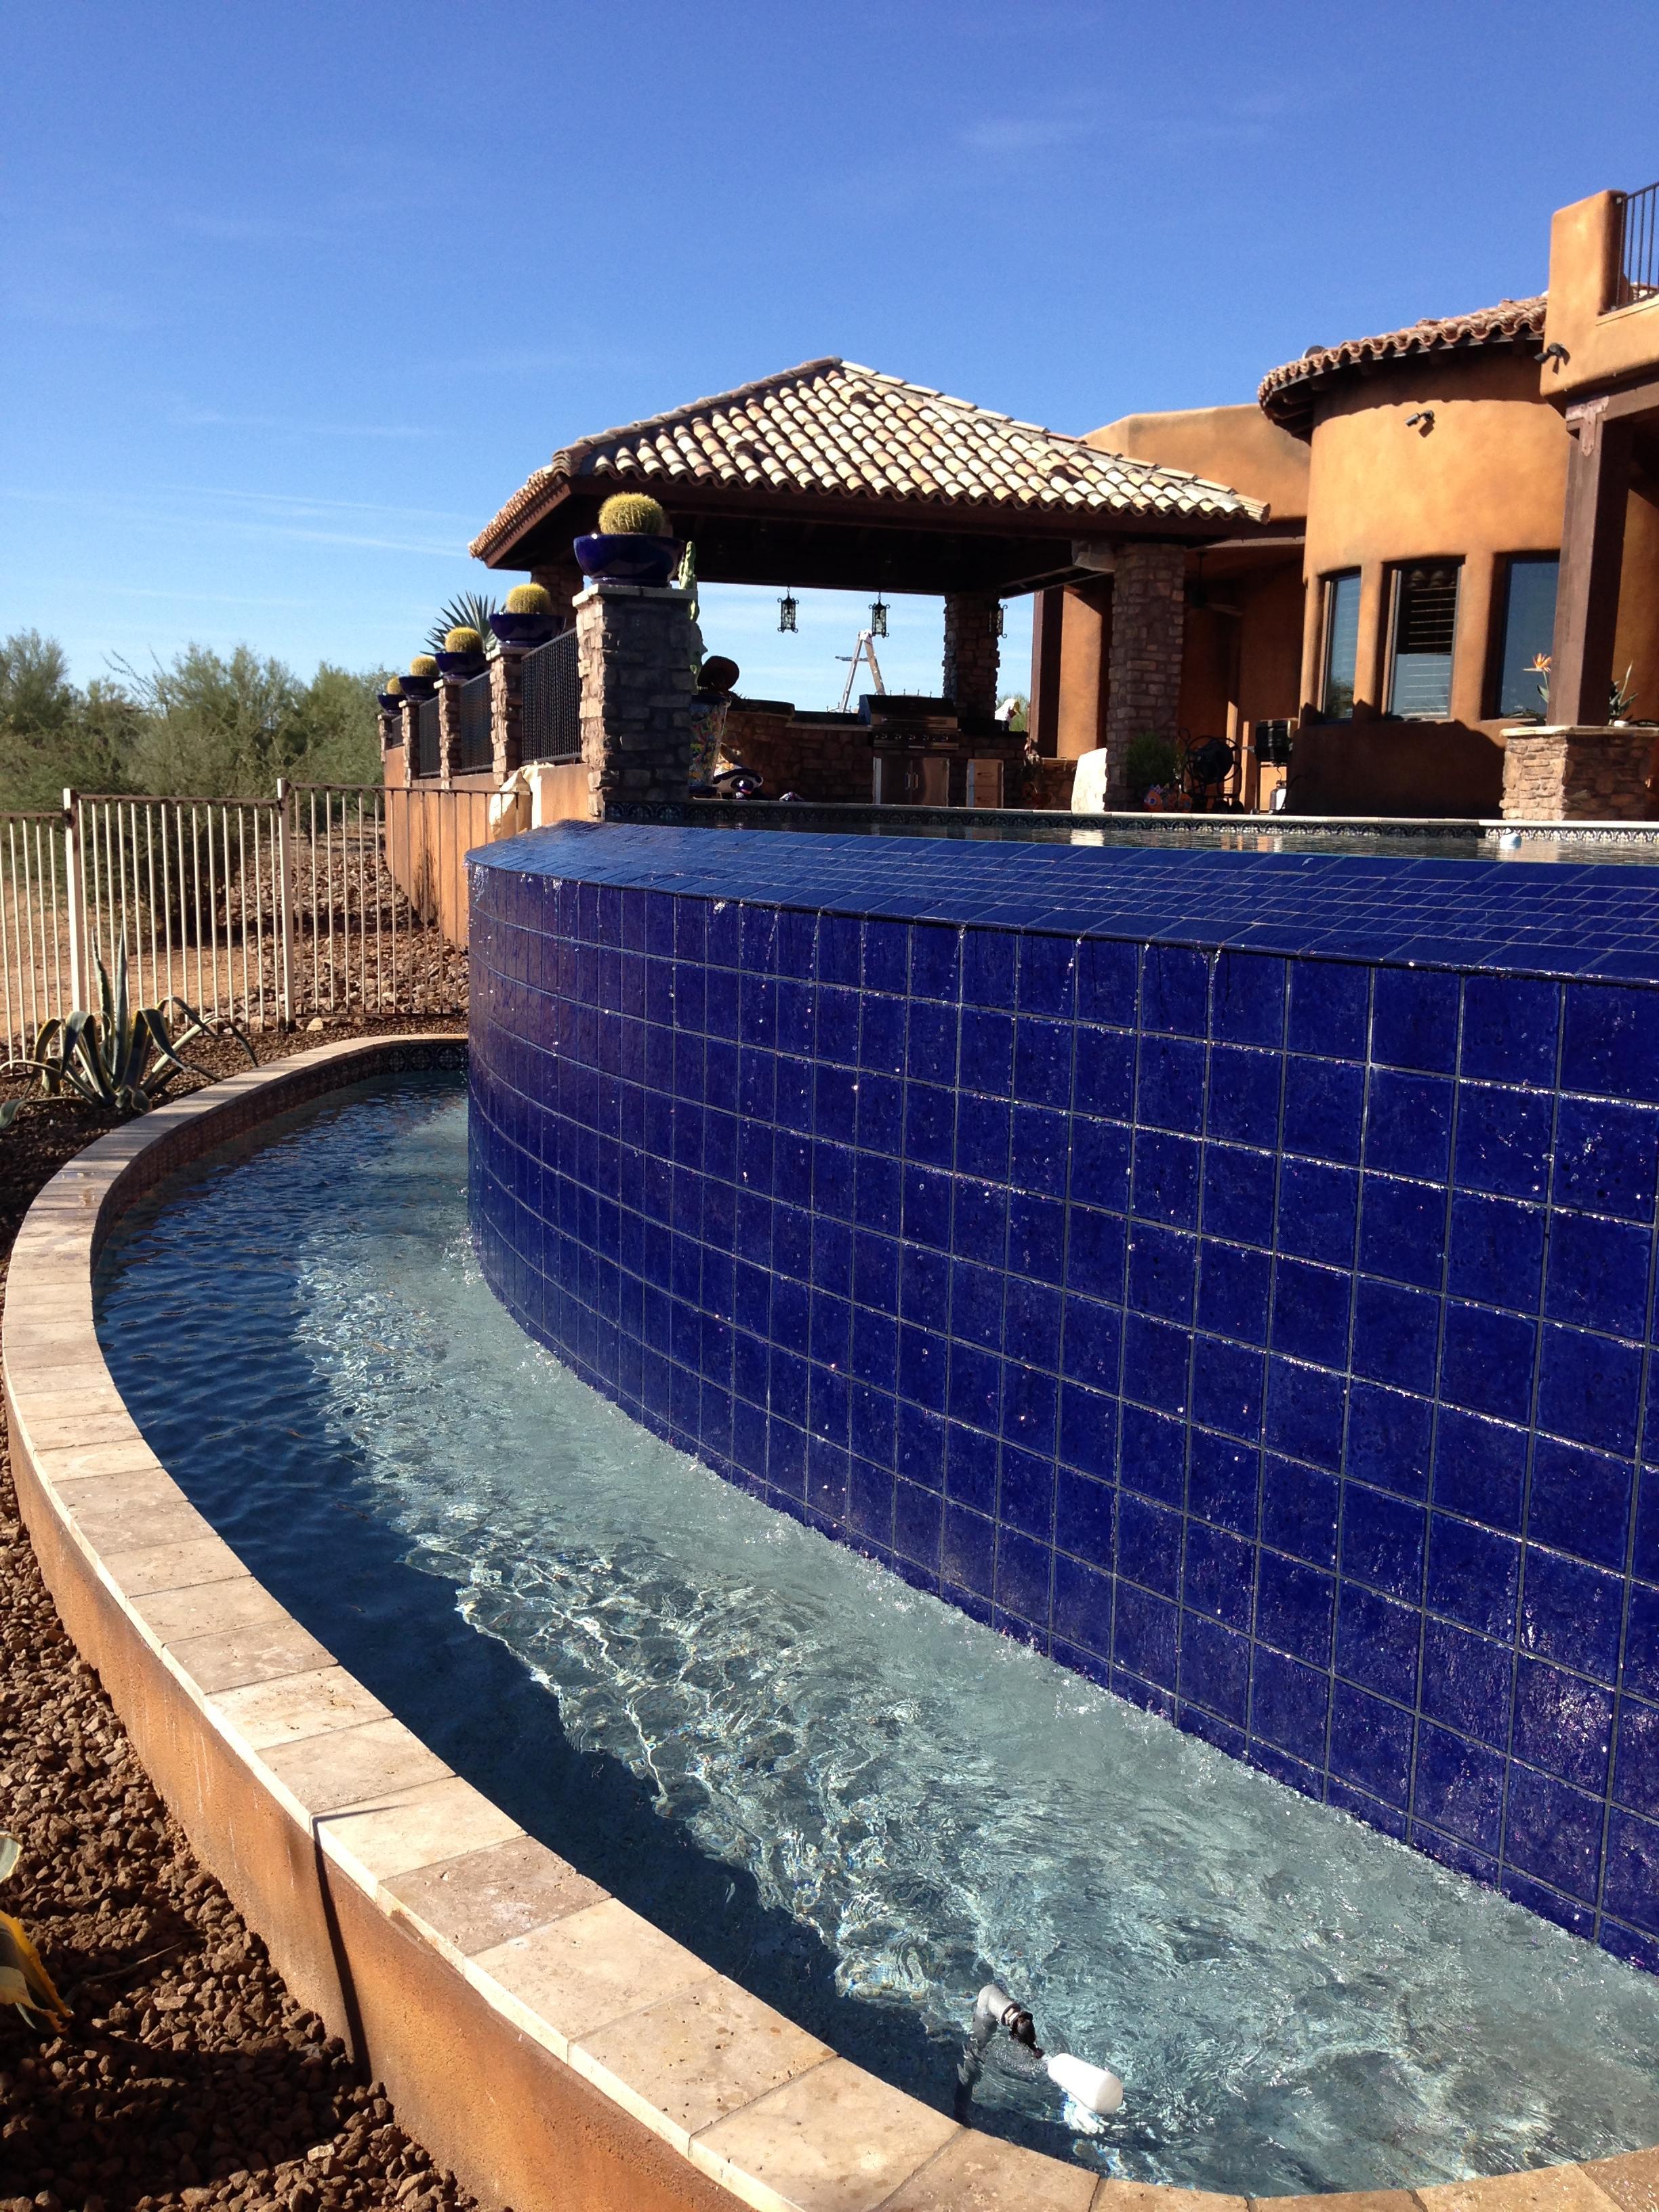 aqua pool designs gilbert arizona. Black Bedroom Furniture Sets. Home Design Ideas